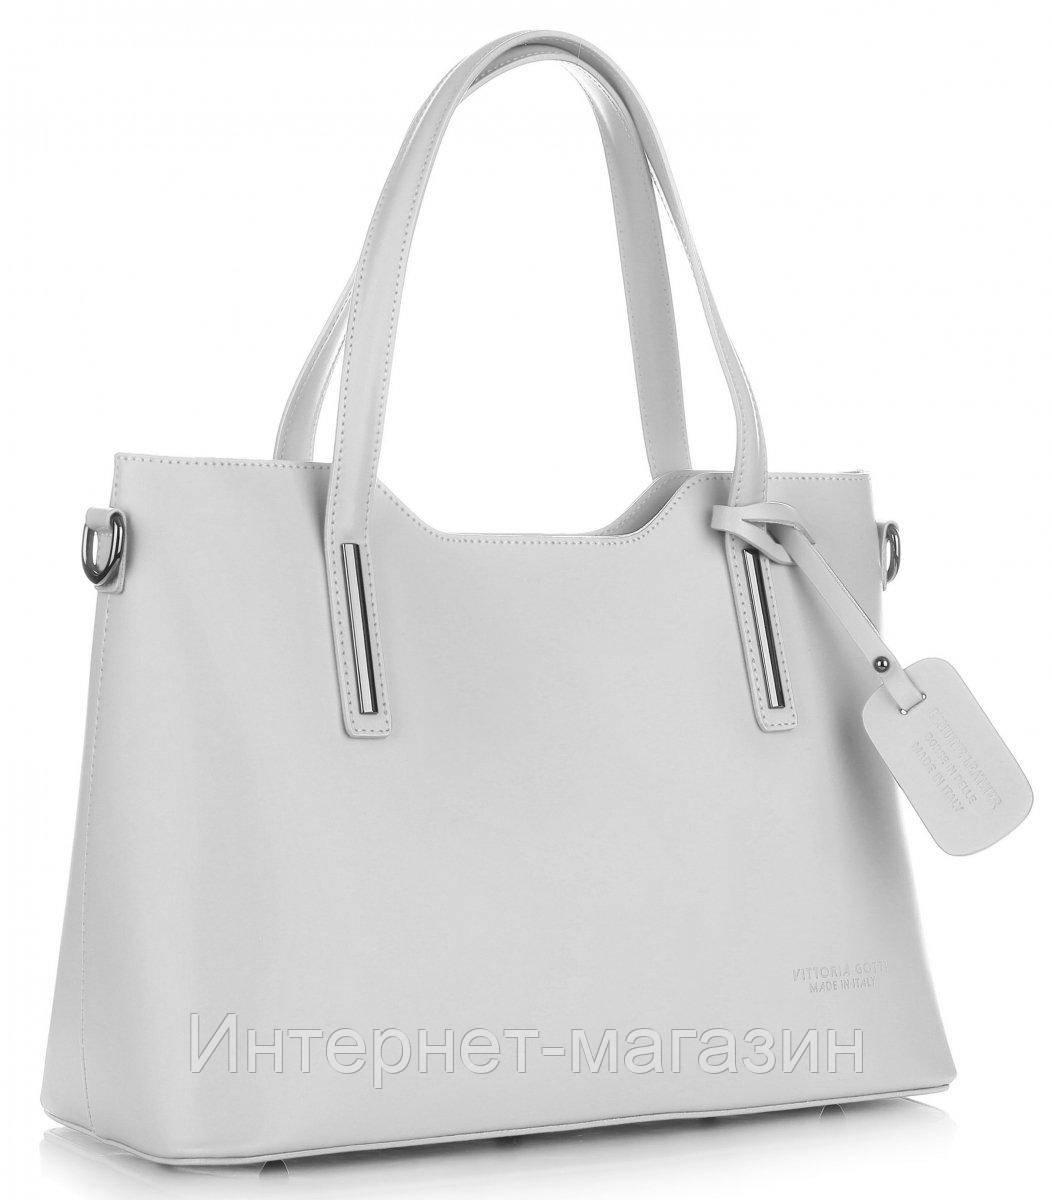 8c5f59e3a79c Женская итальянская сумка VITTORIA GOTTI из натуральной кожи, светло -  серого цвета, цена 3 000 грн., купить в Луцке — Prom.ua (ID#627426395)